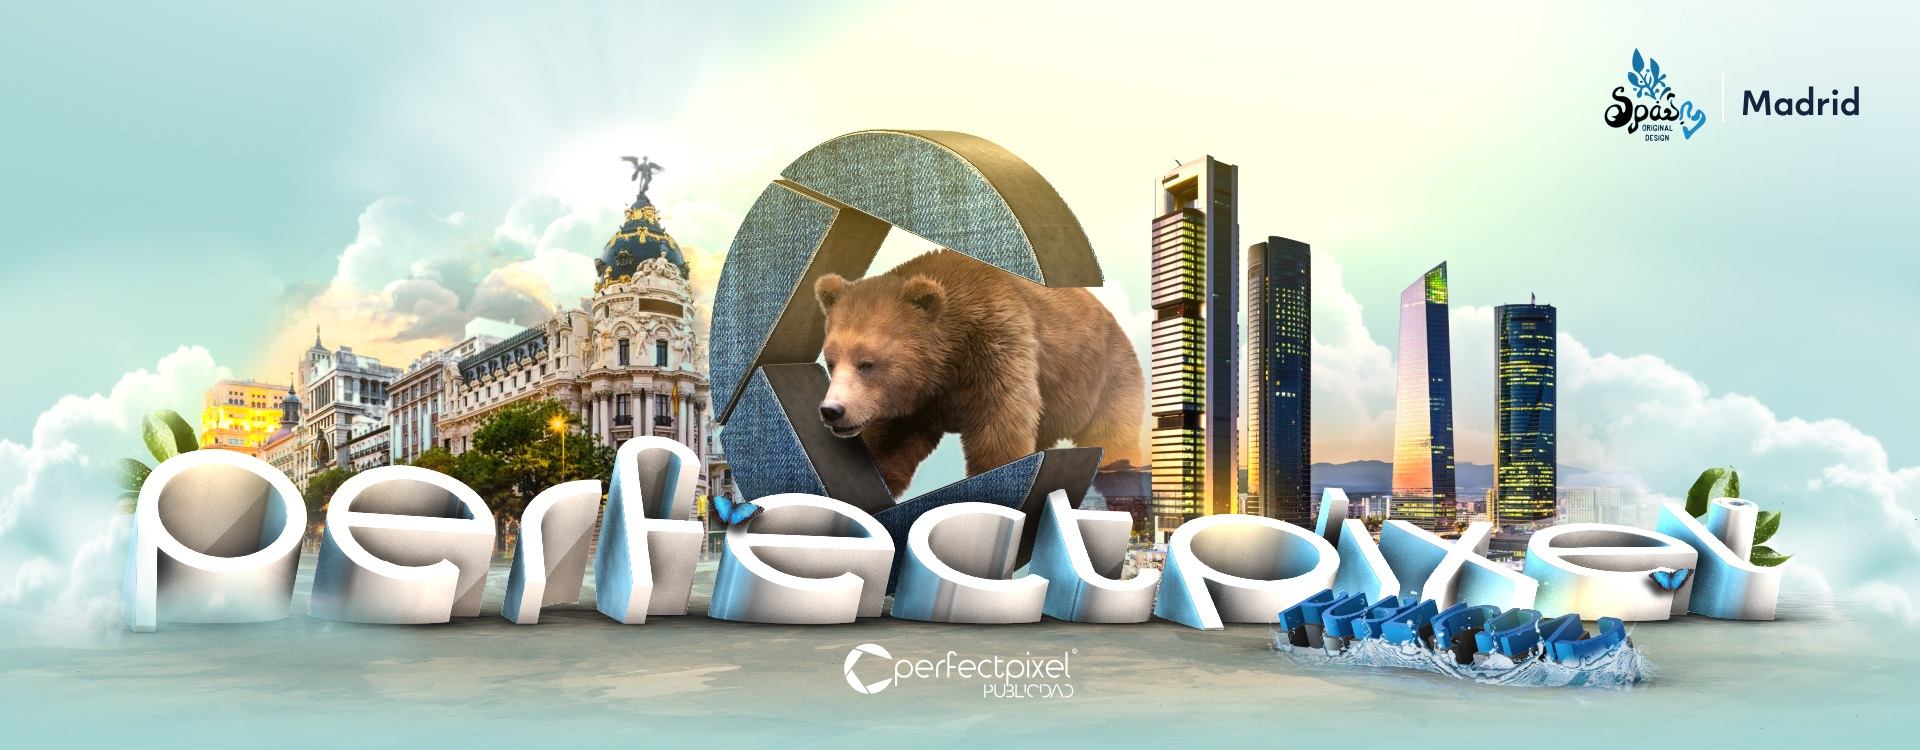 Agencia de publicidad en Madrid Perfect Pixel Comunica con estilo